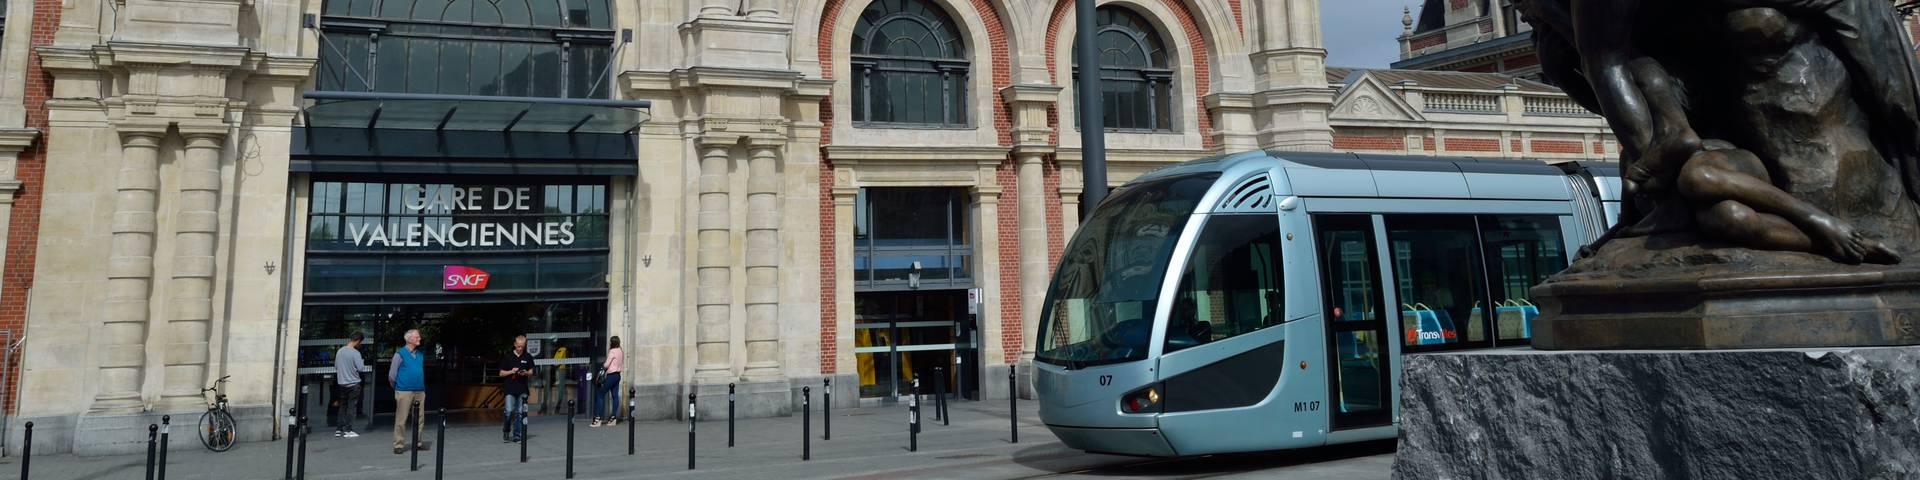 Bus tramway et taxis office de tourisme valenciennes tourisme congr s - Office tourisme valenciennes ...